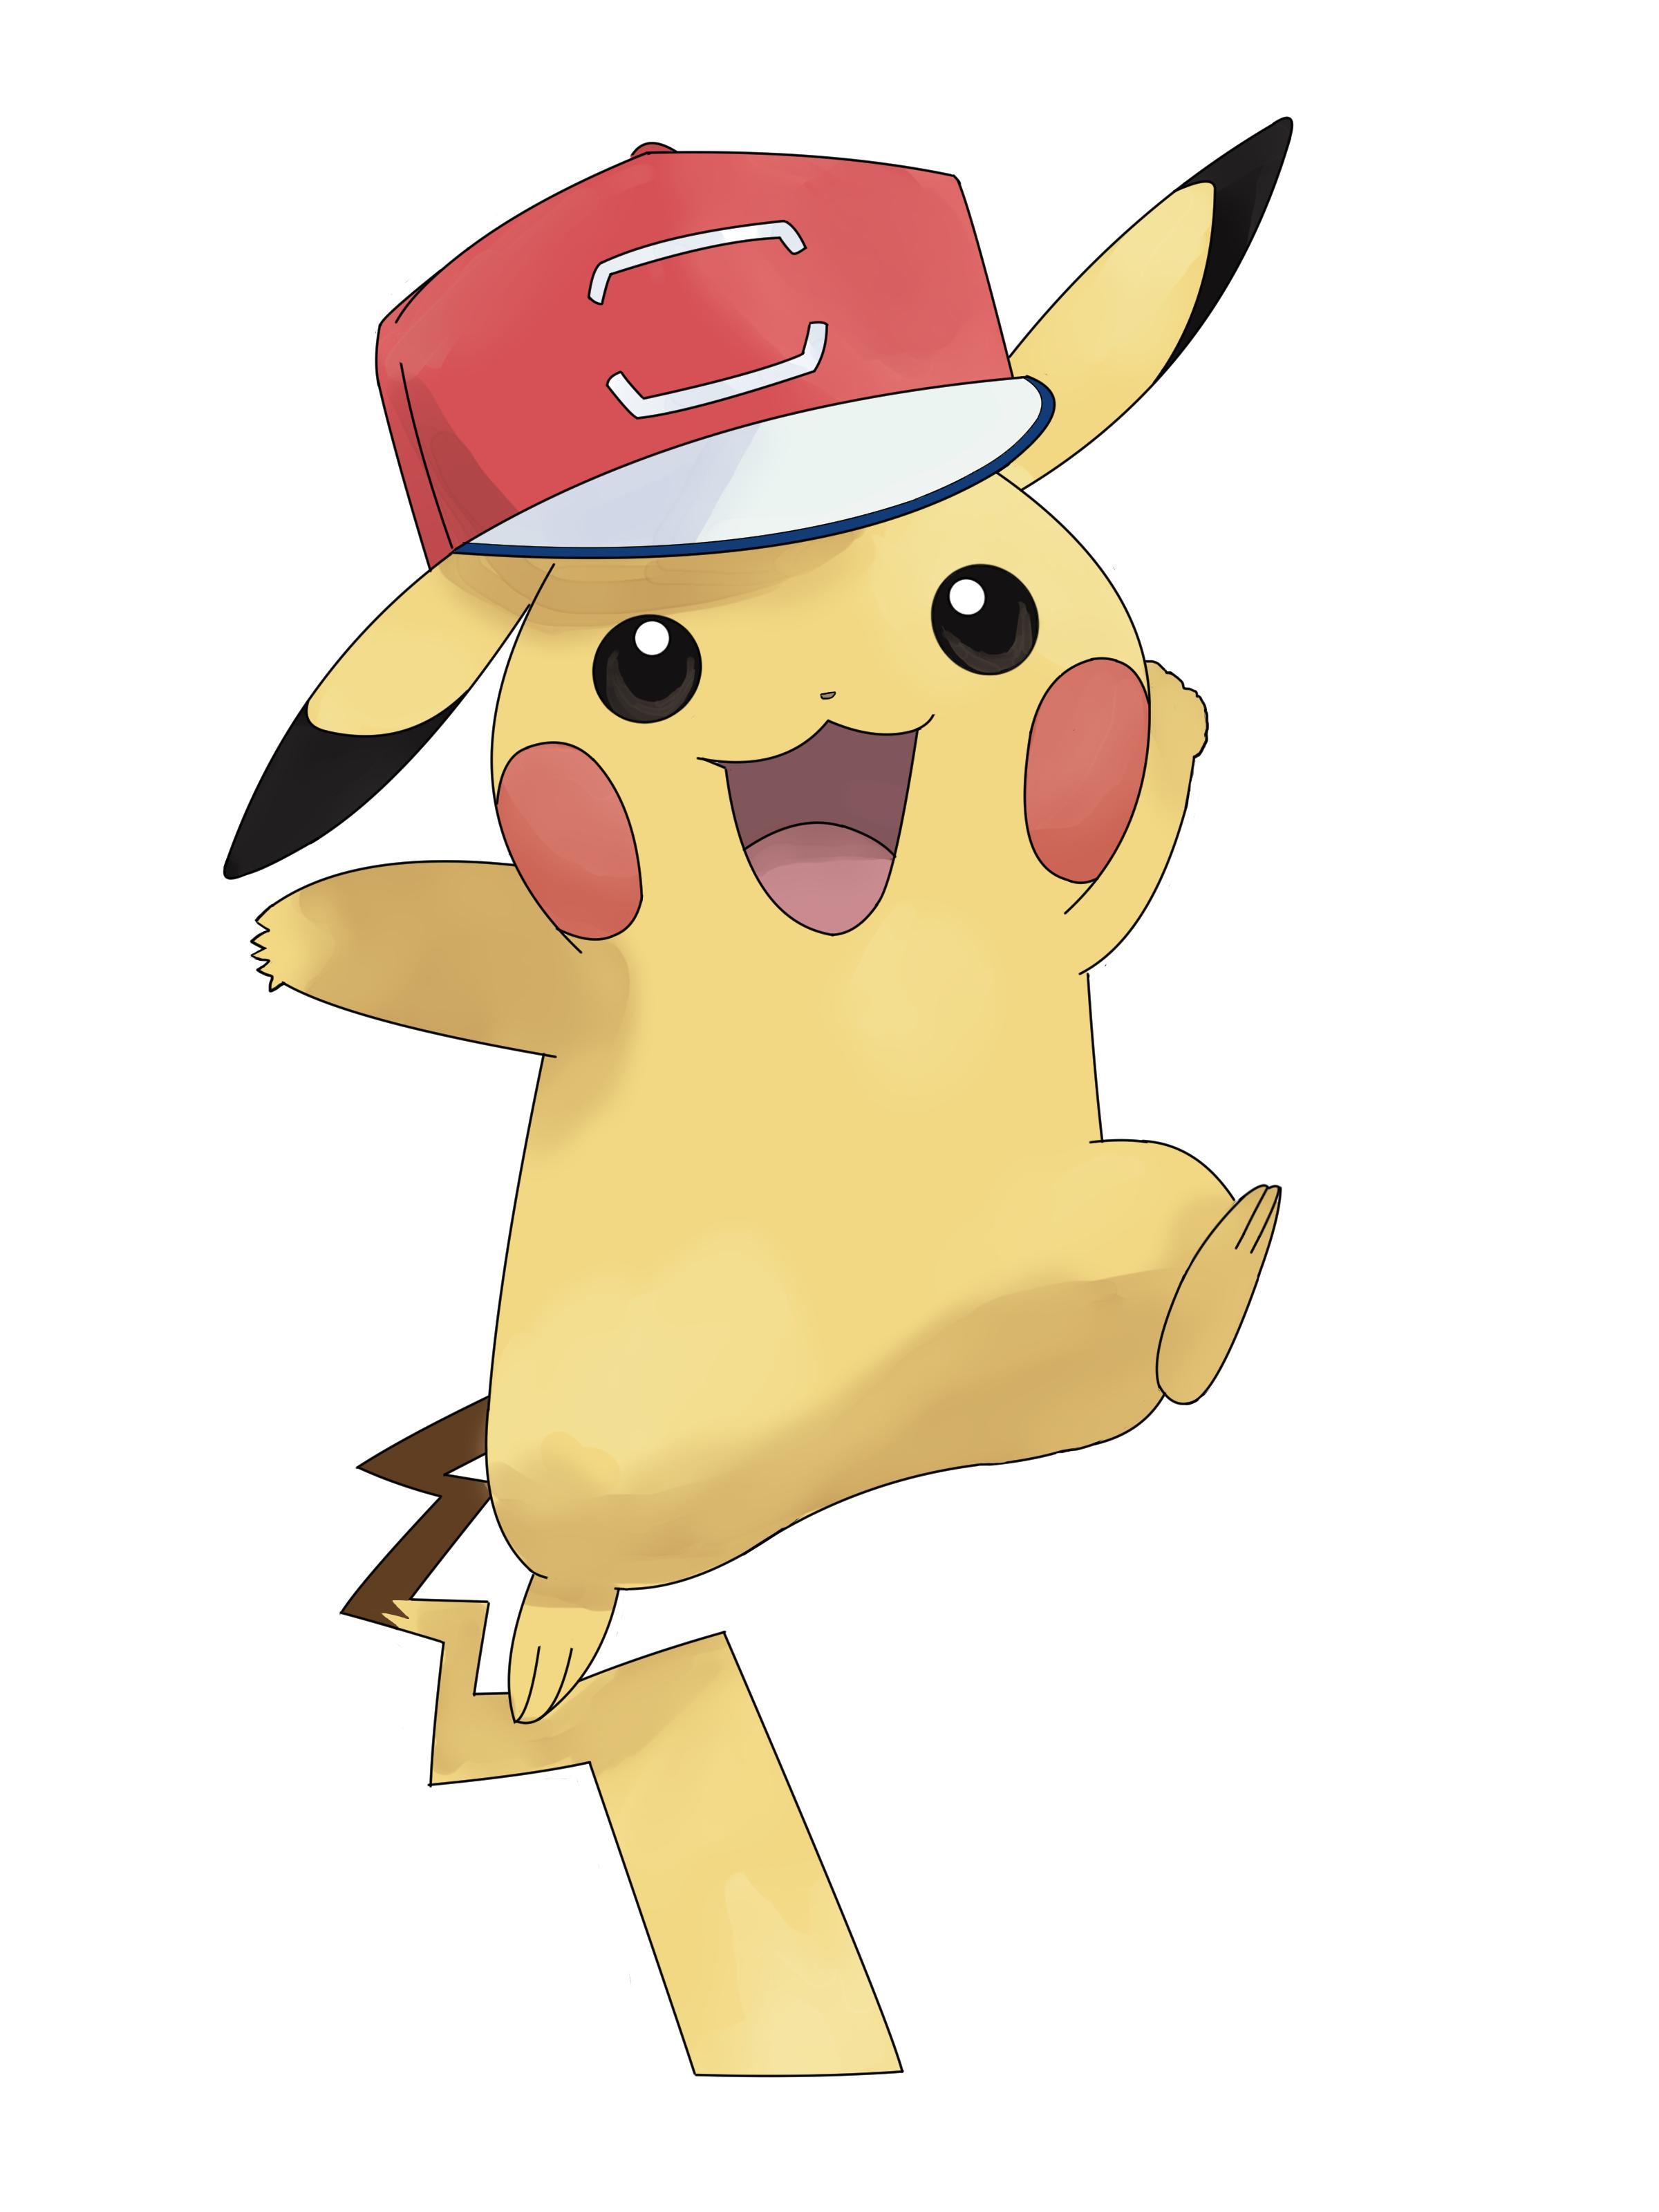 Pikachu pok mon page 18 of 20 zerochan anime image board - Image pikachu ...